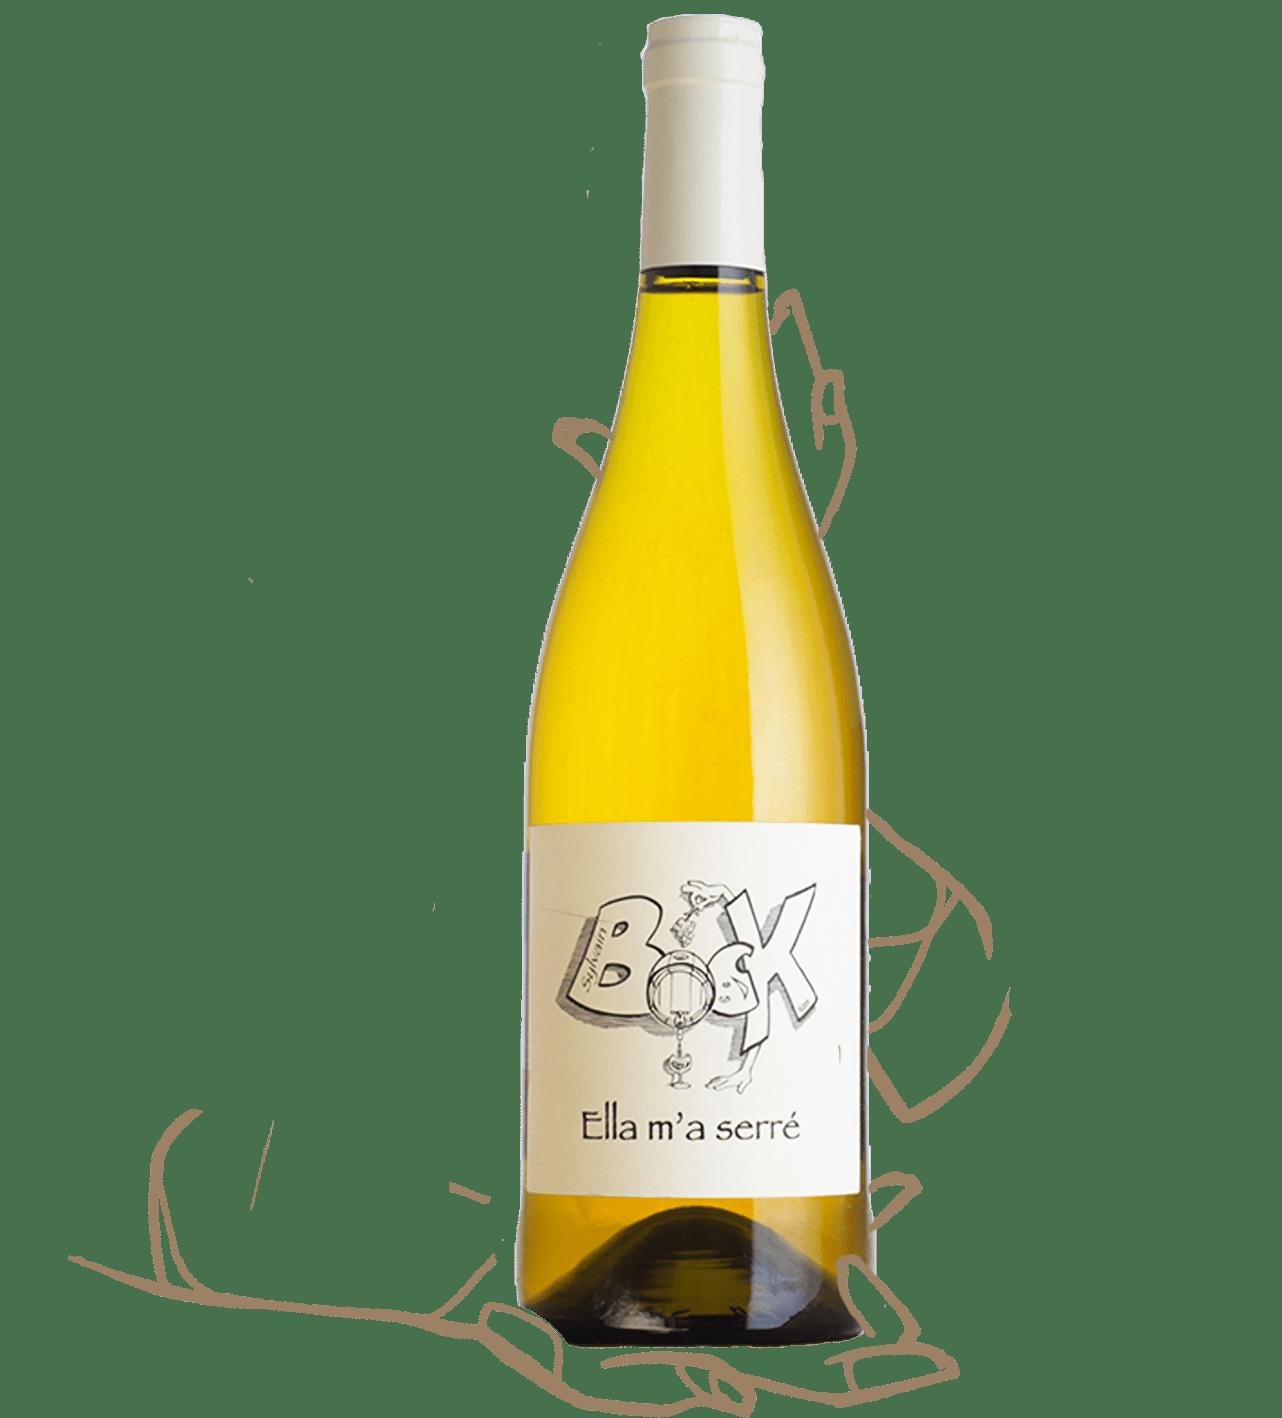 Sylvain Bock - Ella m'a serré est un vin nature